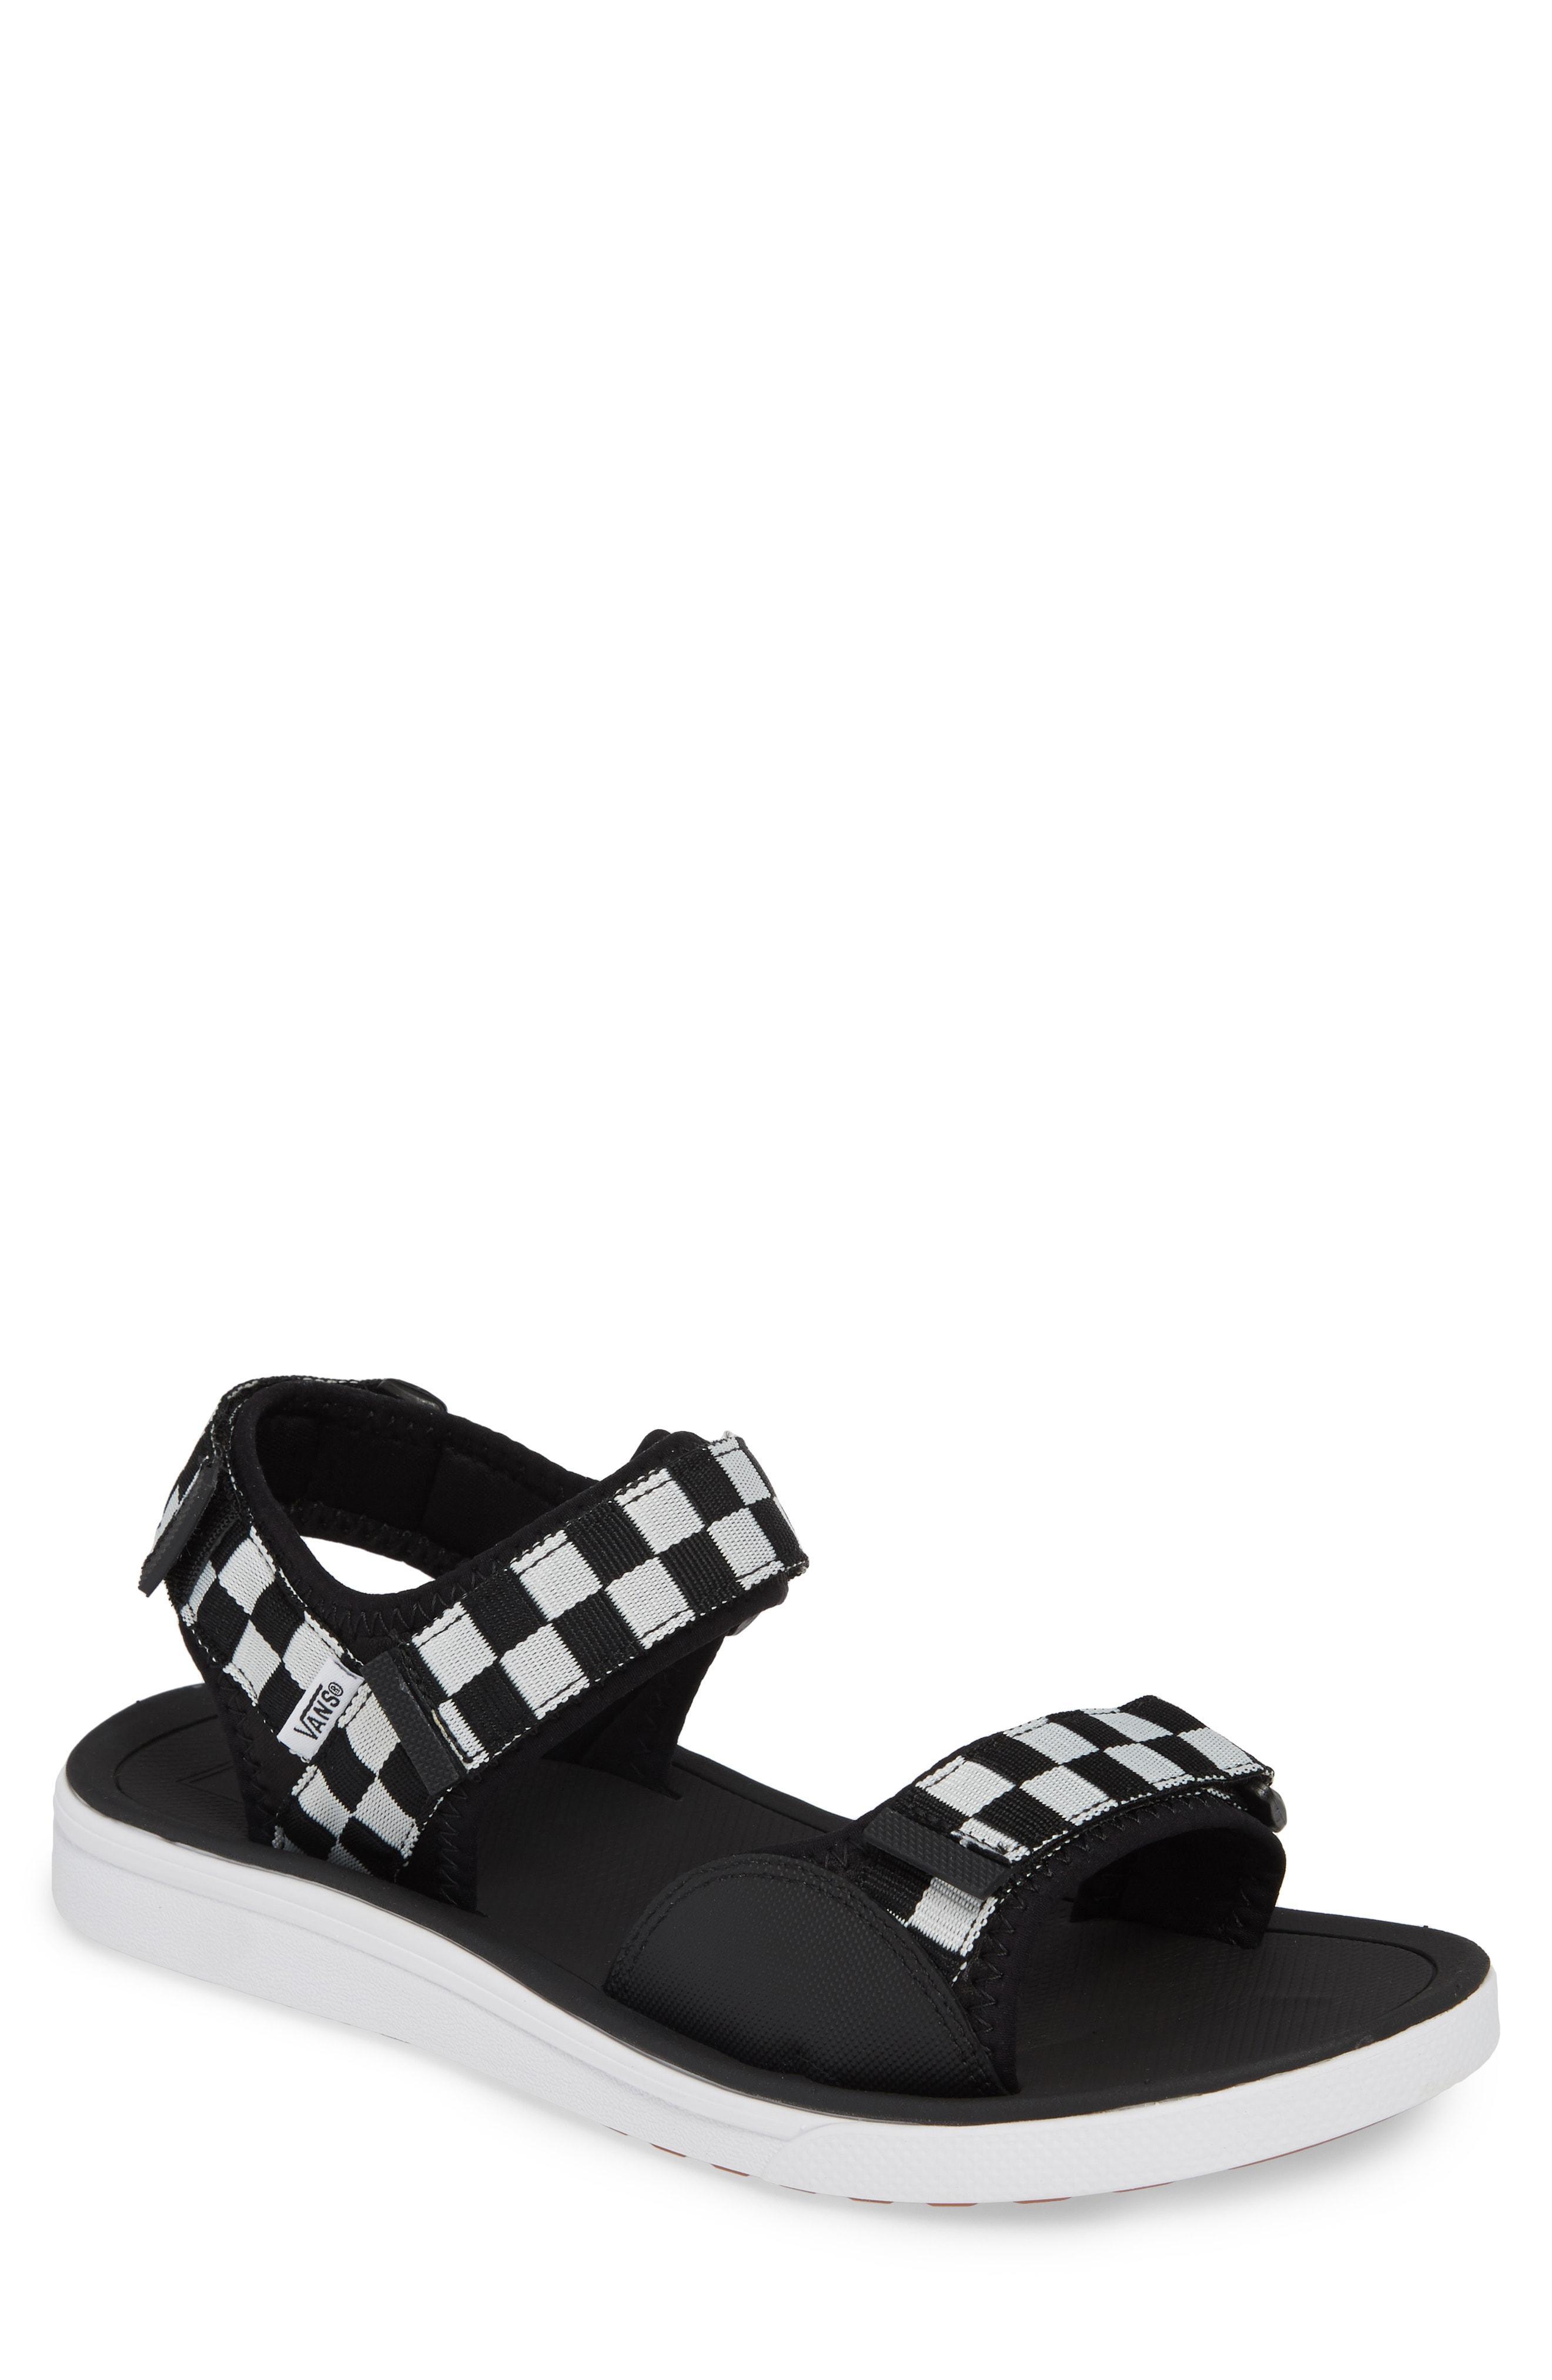 Lyst - Vans Ultrarange Tri Lock Sport Sandal in Black for Men bad8779b3